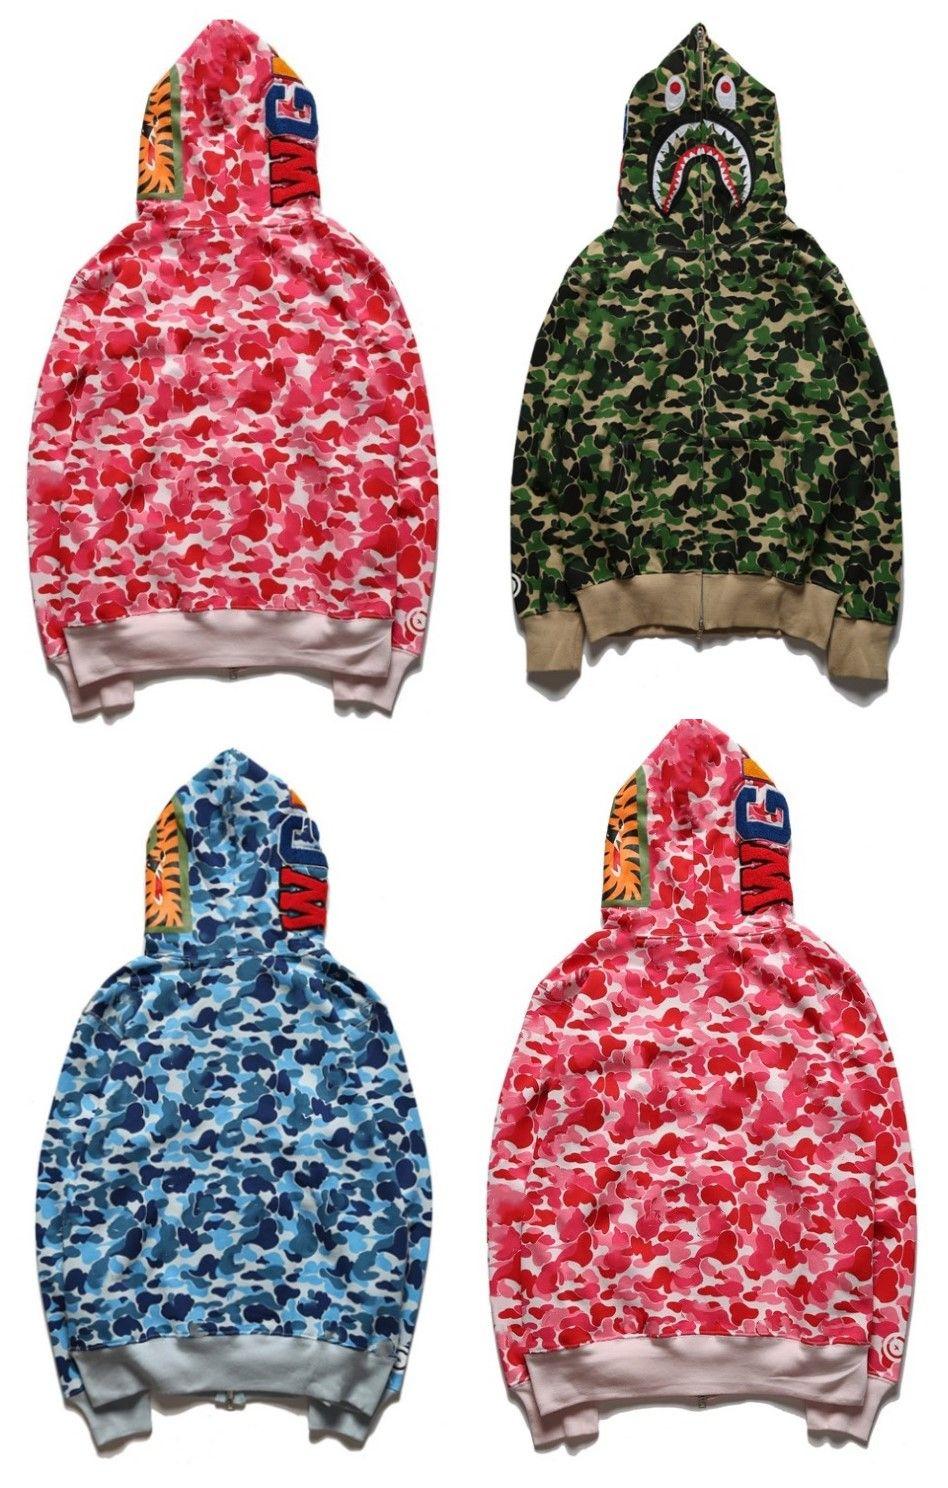 hoodies des hommes de mode de broderie Adolescent Bleu Rose Bathing MA1 Vol Male Tide Shark Hoodie Couples pour hommes camouflage vestes à capuchon